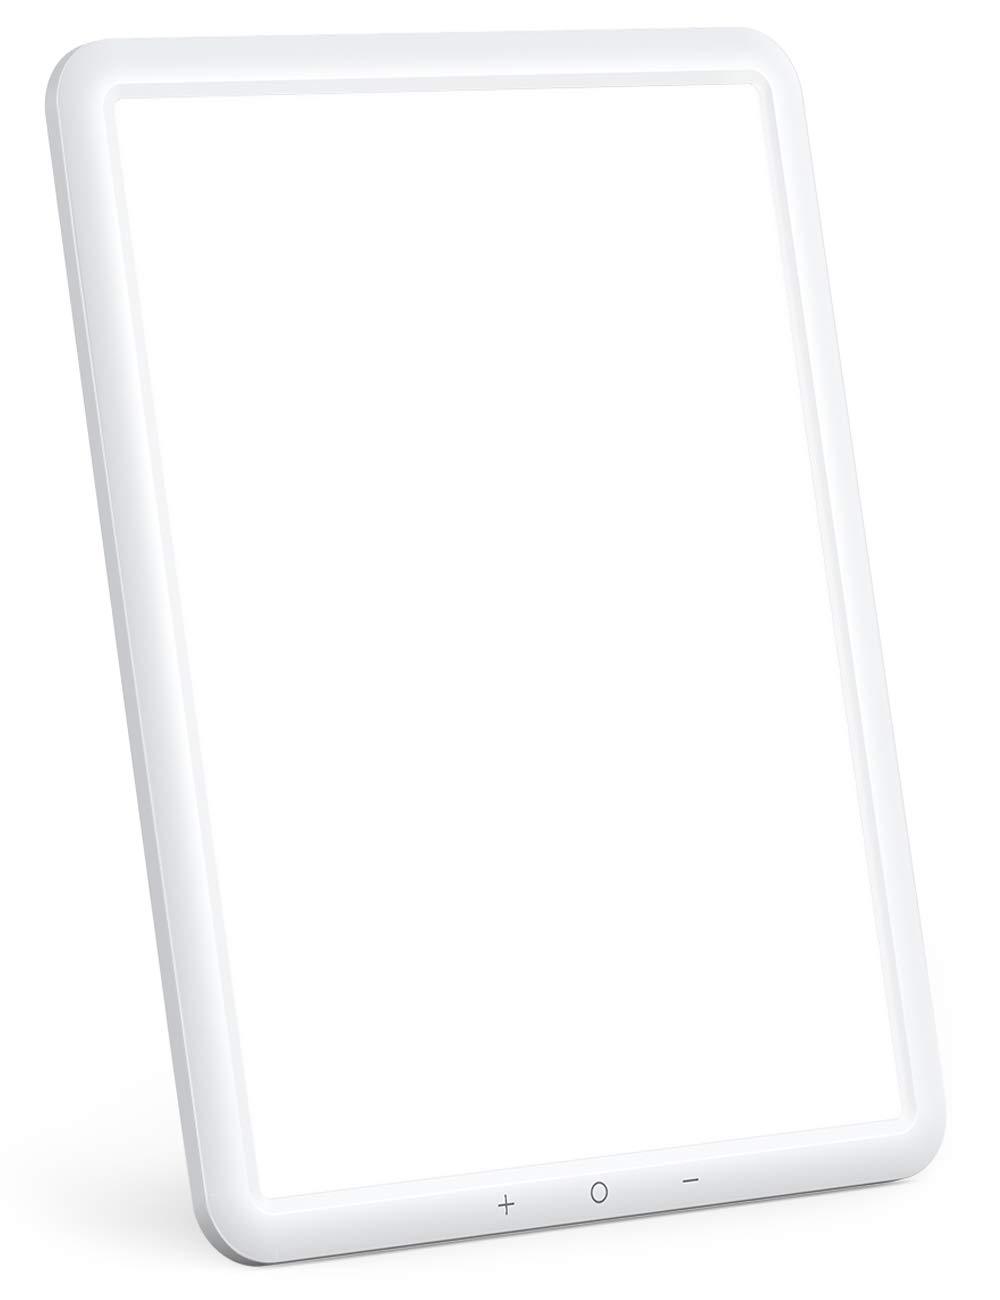 TaoTronics Ultra Thin Adjustable Brightness Rotatable